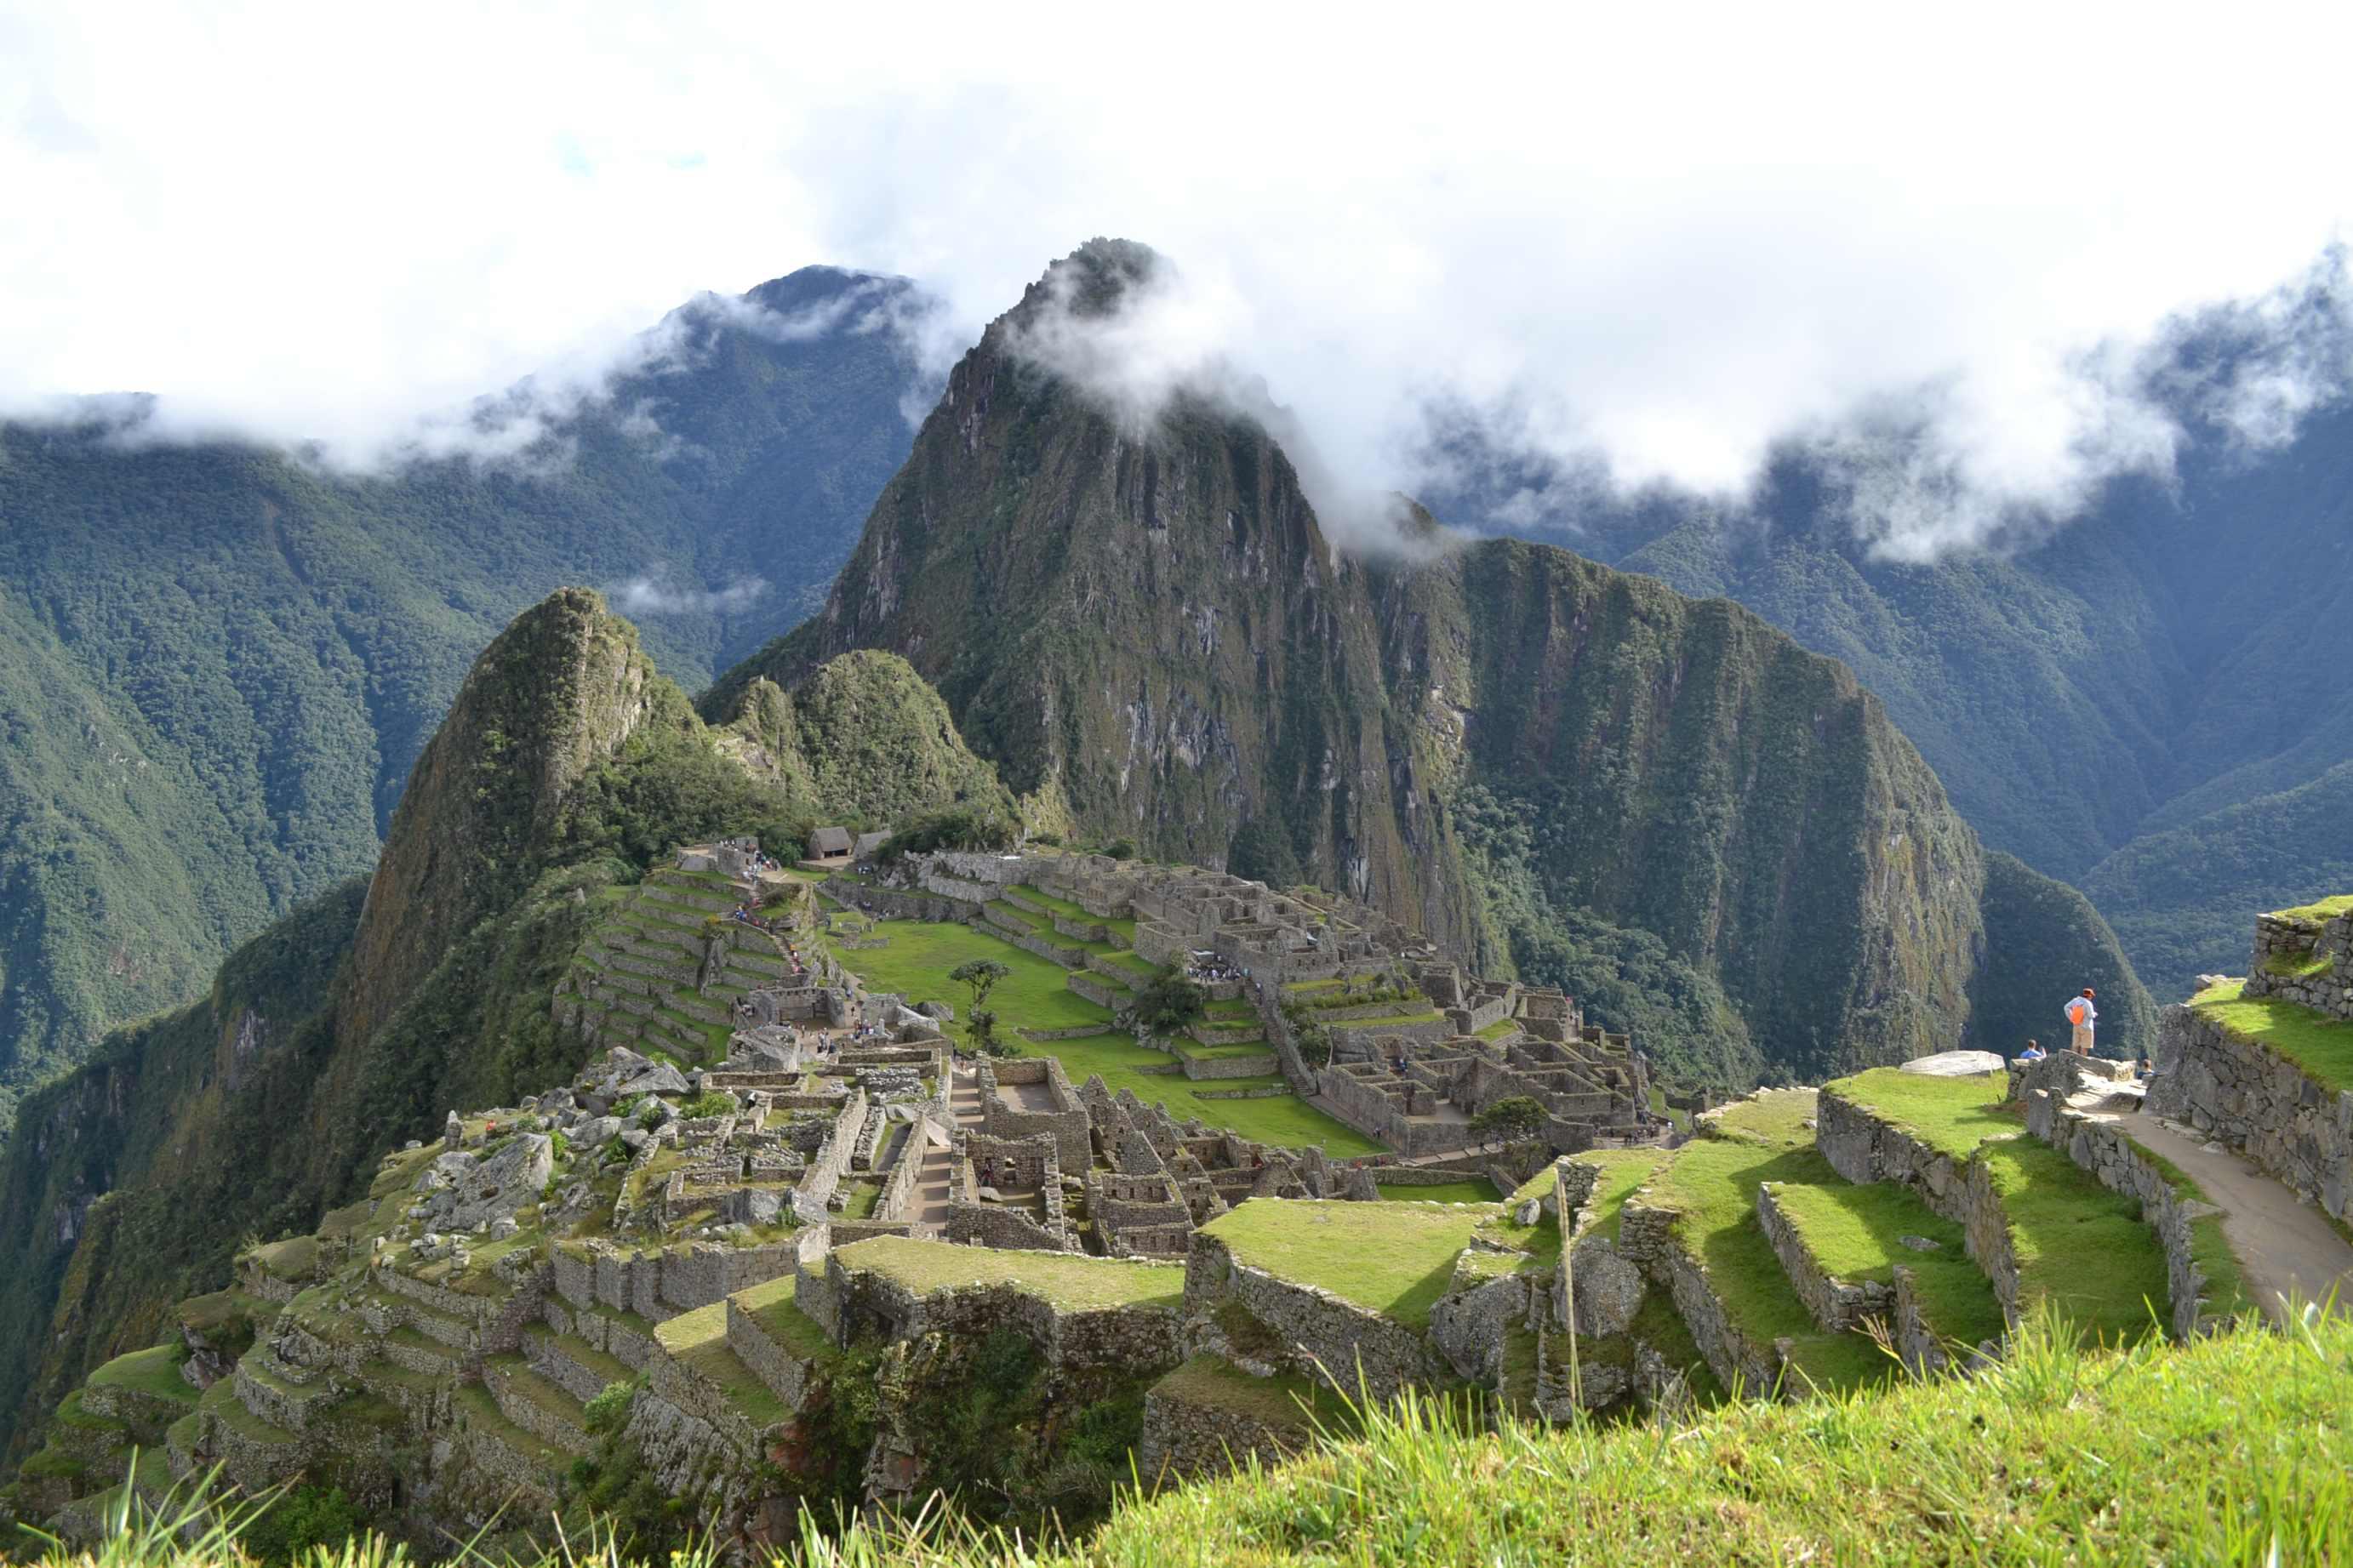 Cel Naszej podróży – Machu Pichu